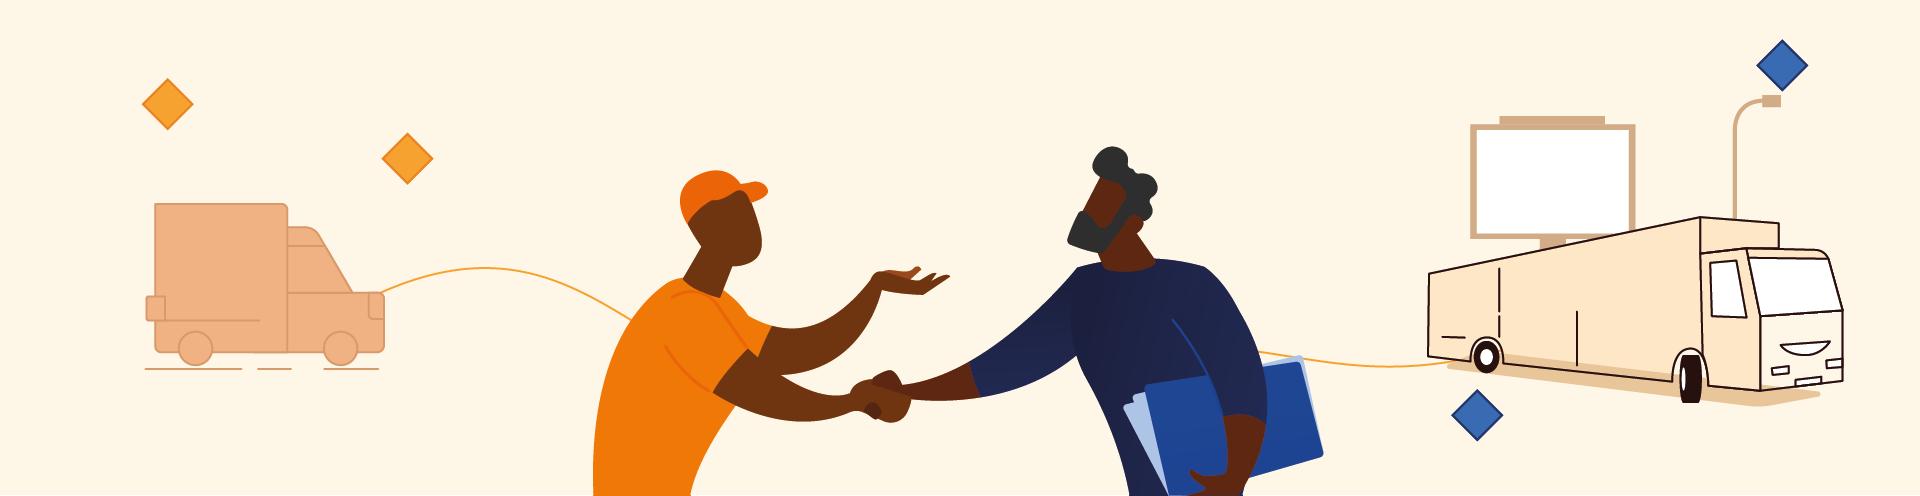 Employé Kotscan serrant la main à un partenaire